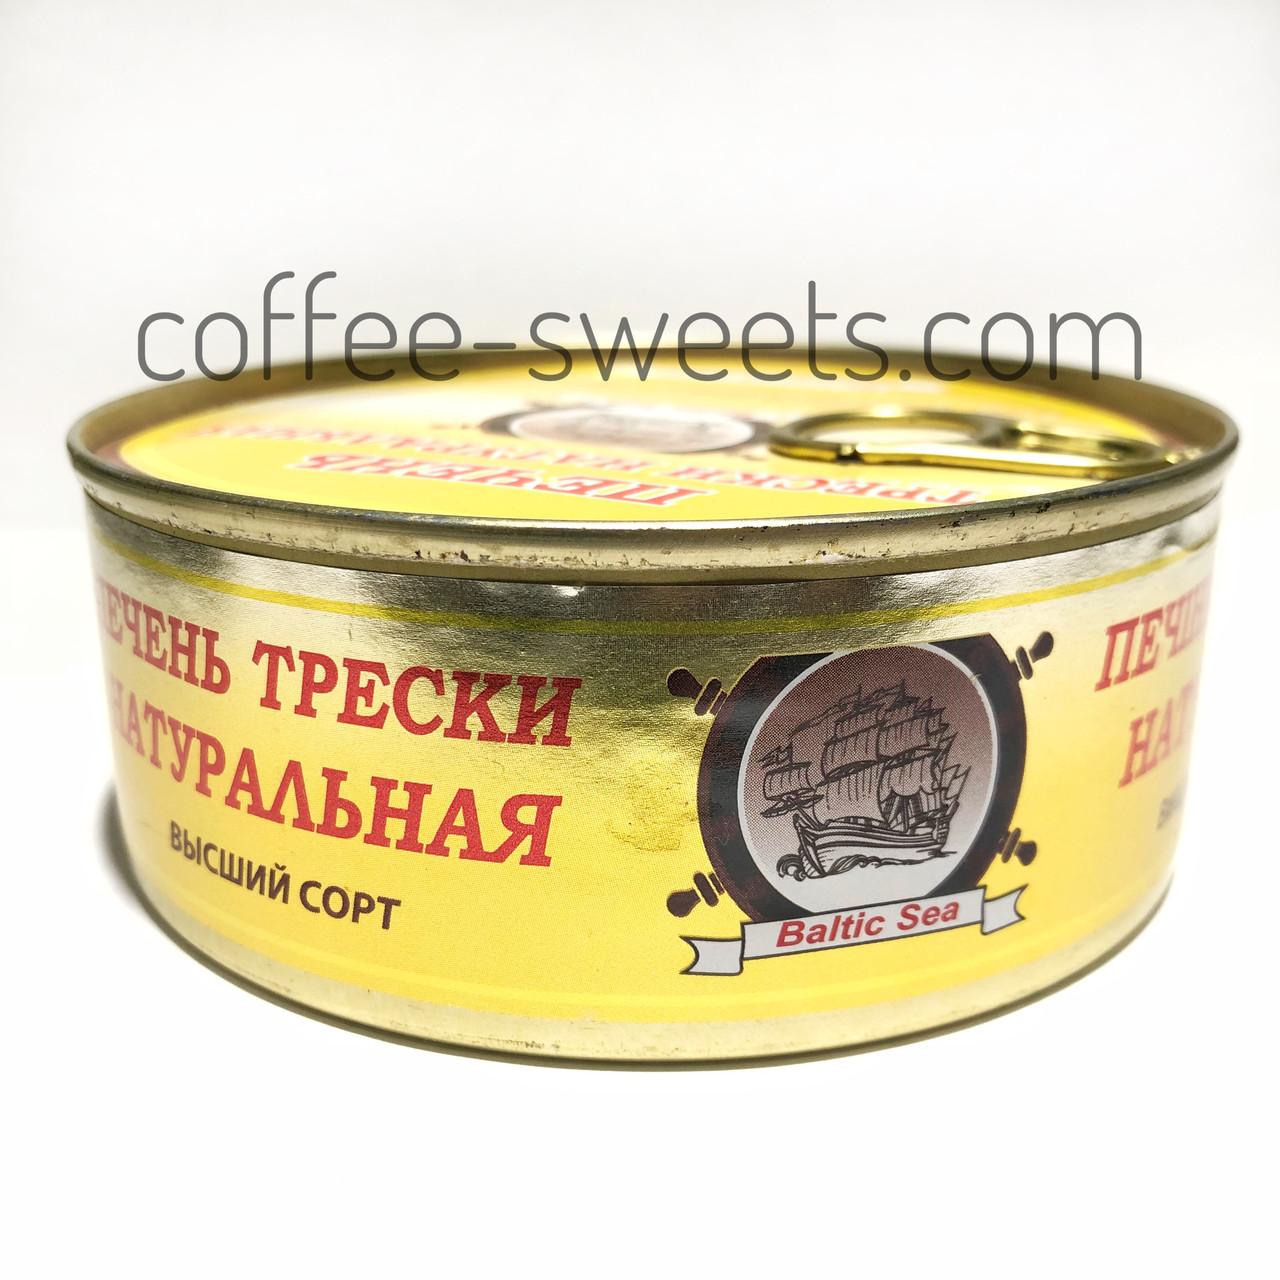 Печень трески натуральная из свежего сырья «Baltic Sea» 240 гр